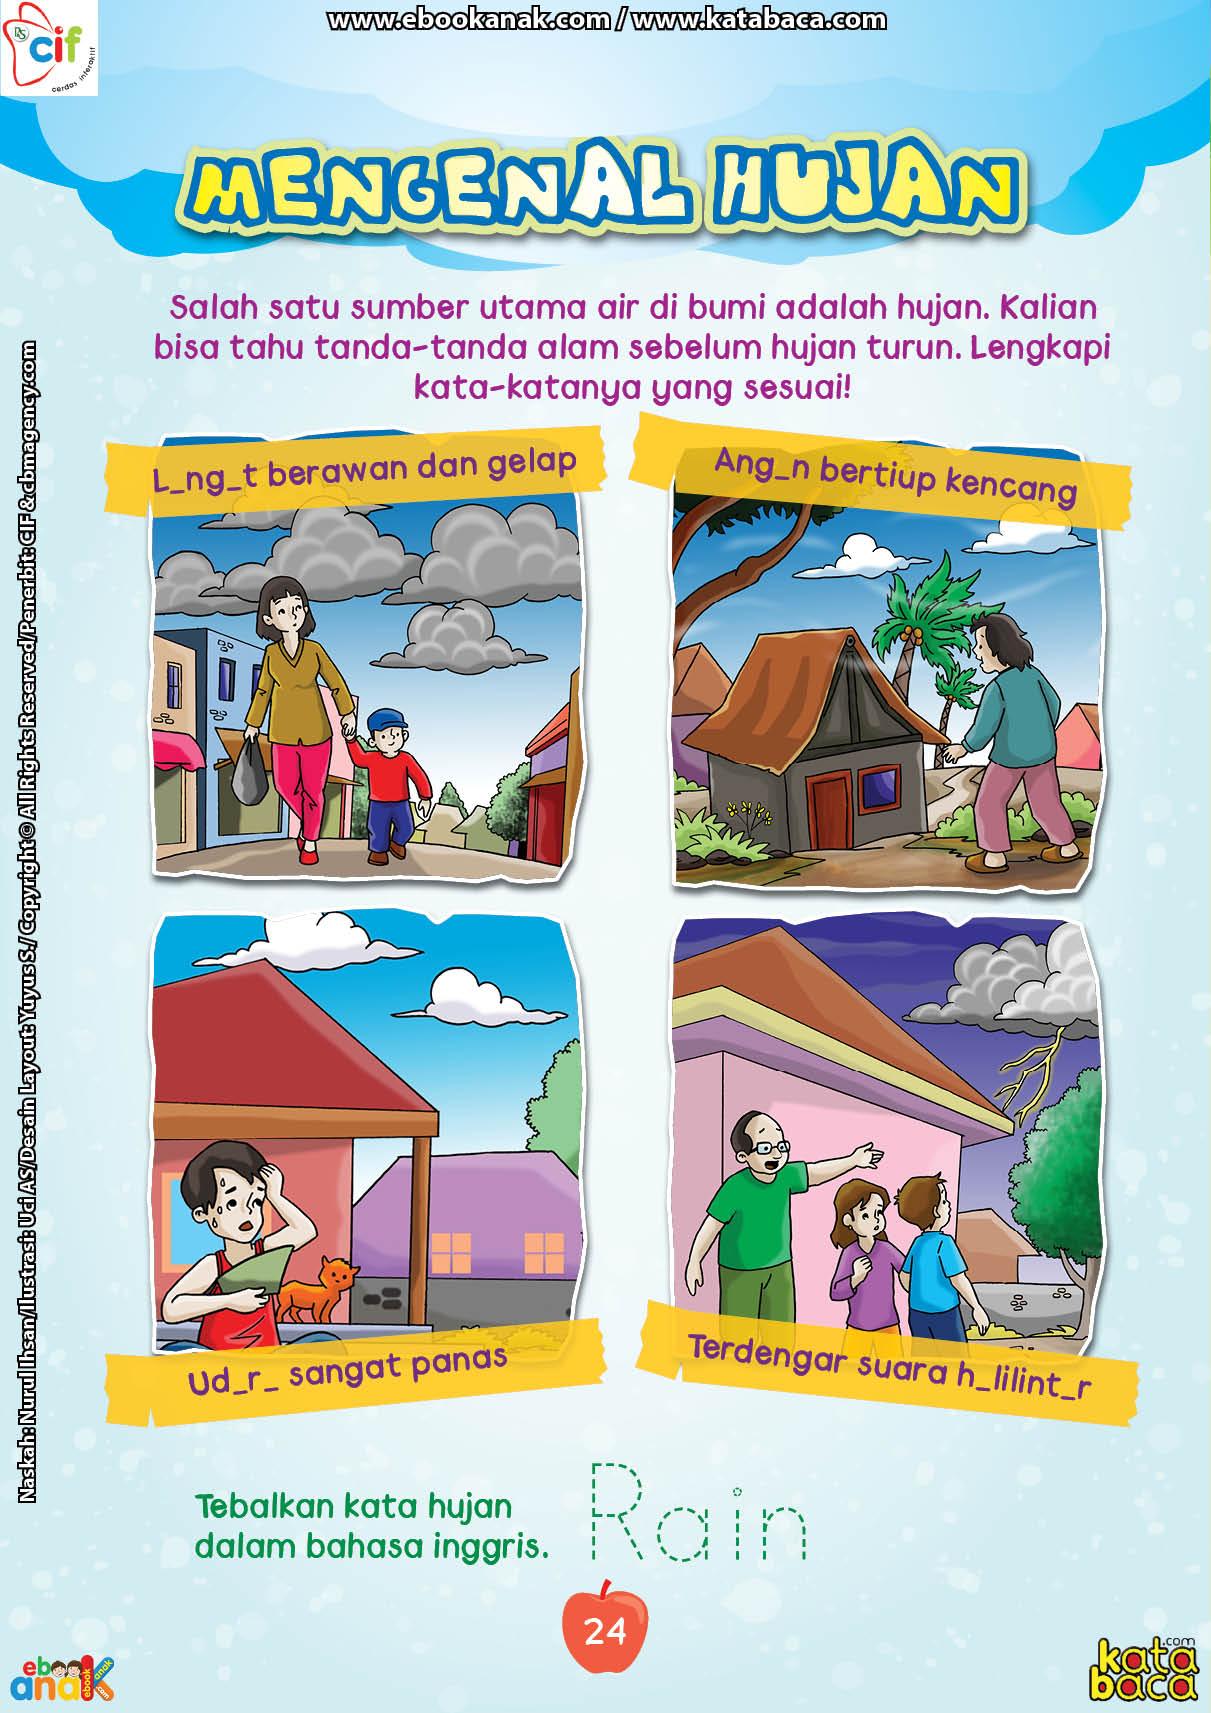 baca buku online brain games fun sains32 Mengenal Tanda-Tanda Alam Sebelum Hujan Turun